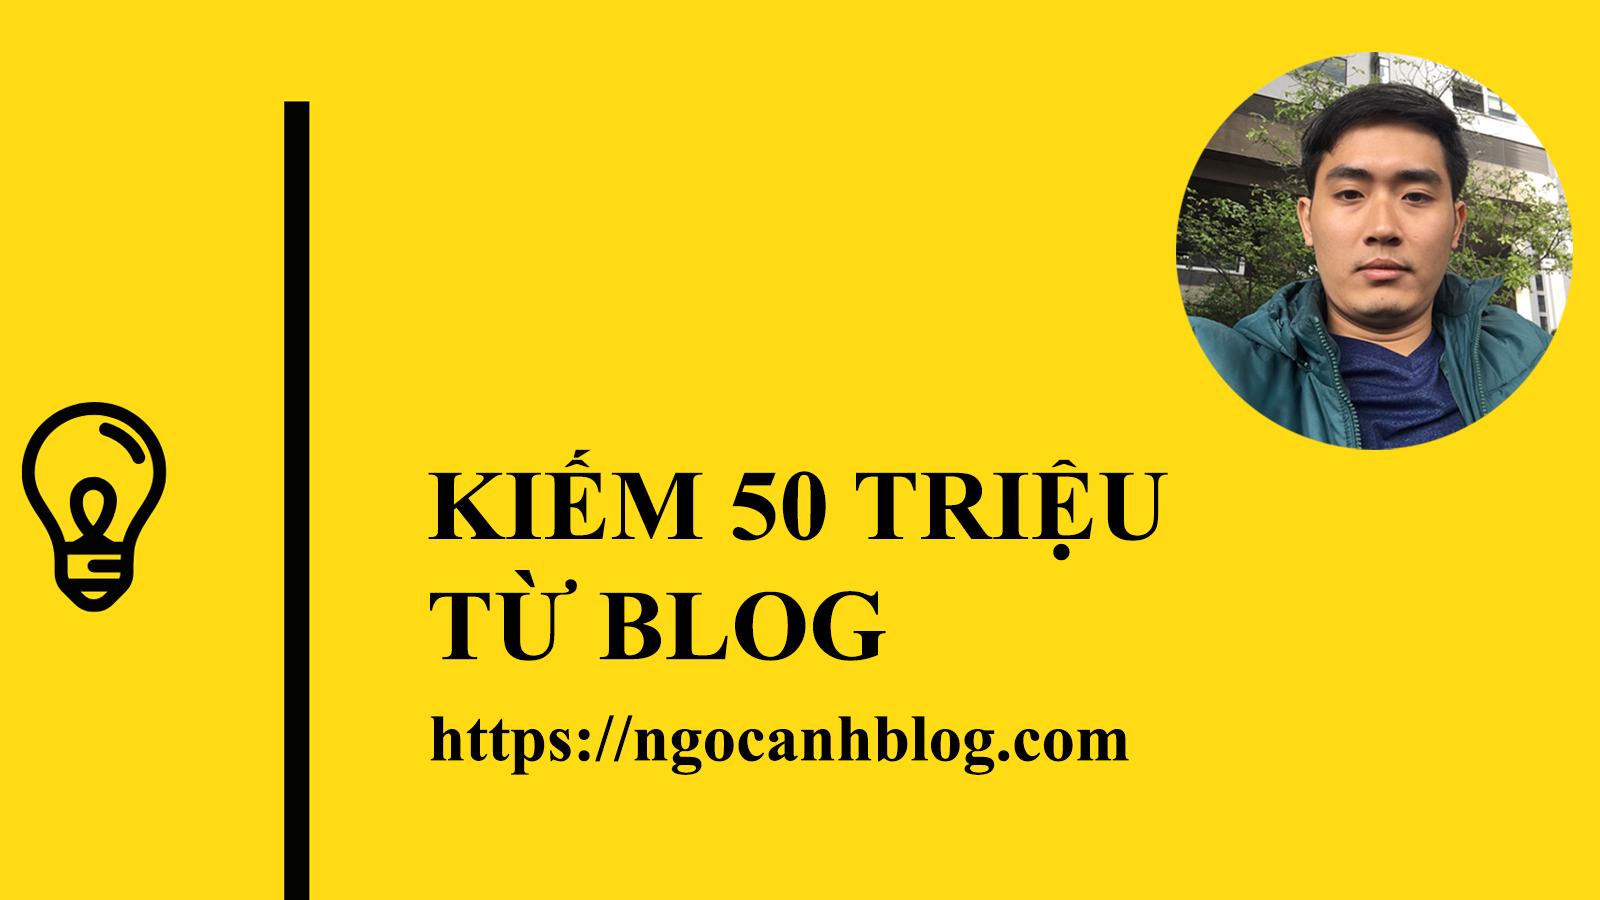 kiếm 50 triệu từ blog